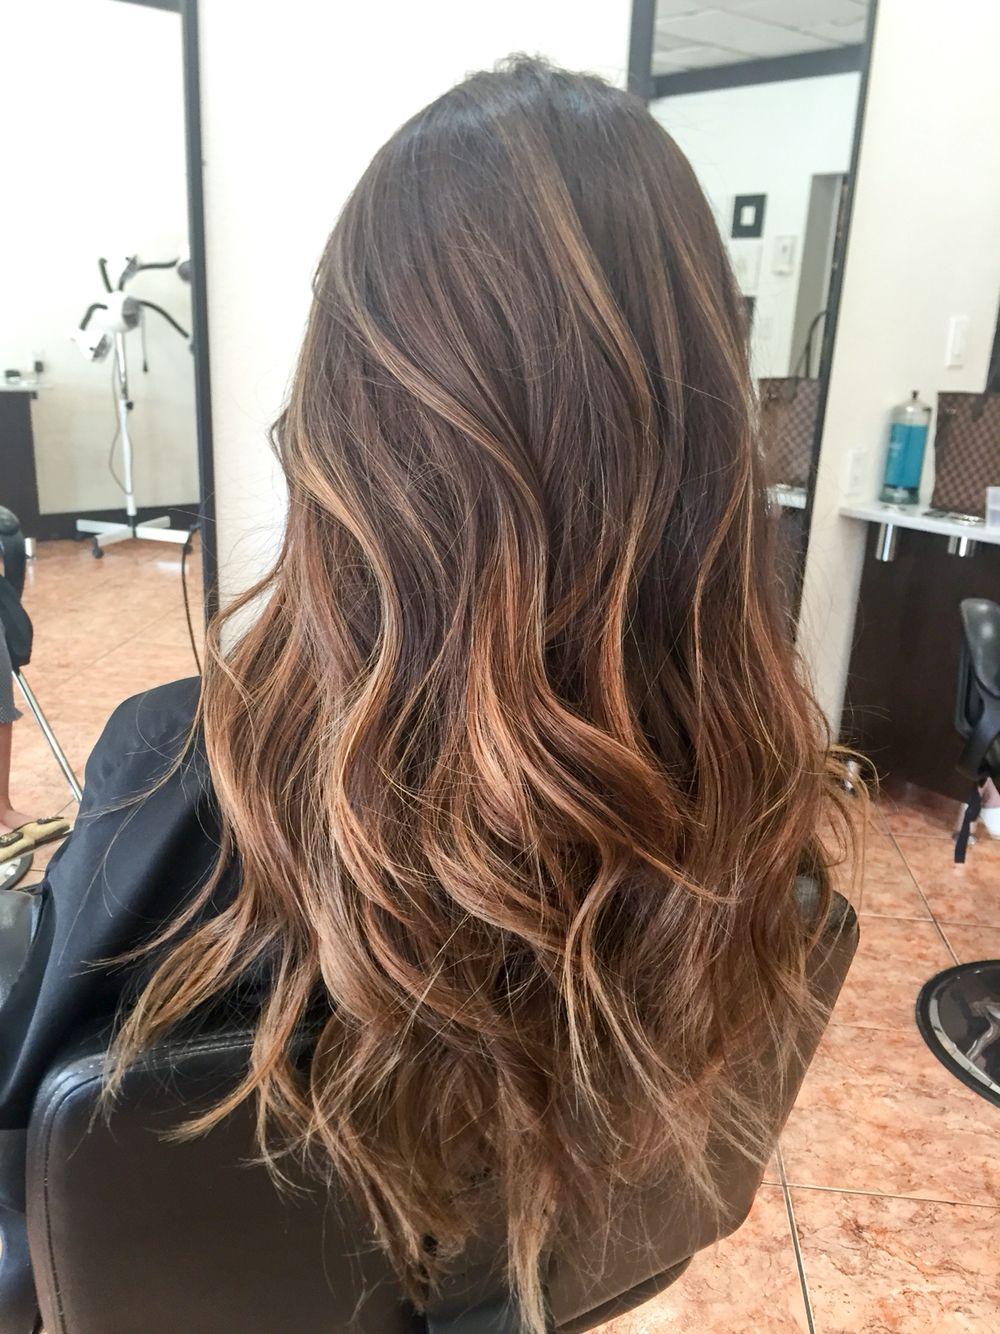 blonde caramel balayage #hair #balayage #blonde | balayage